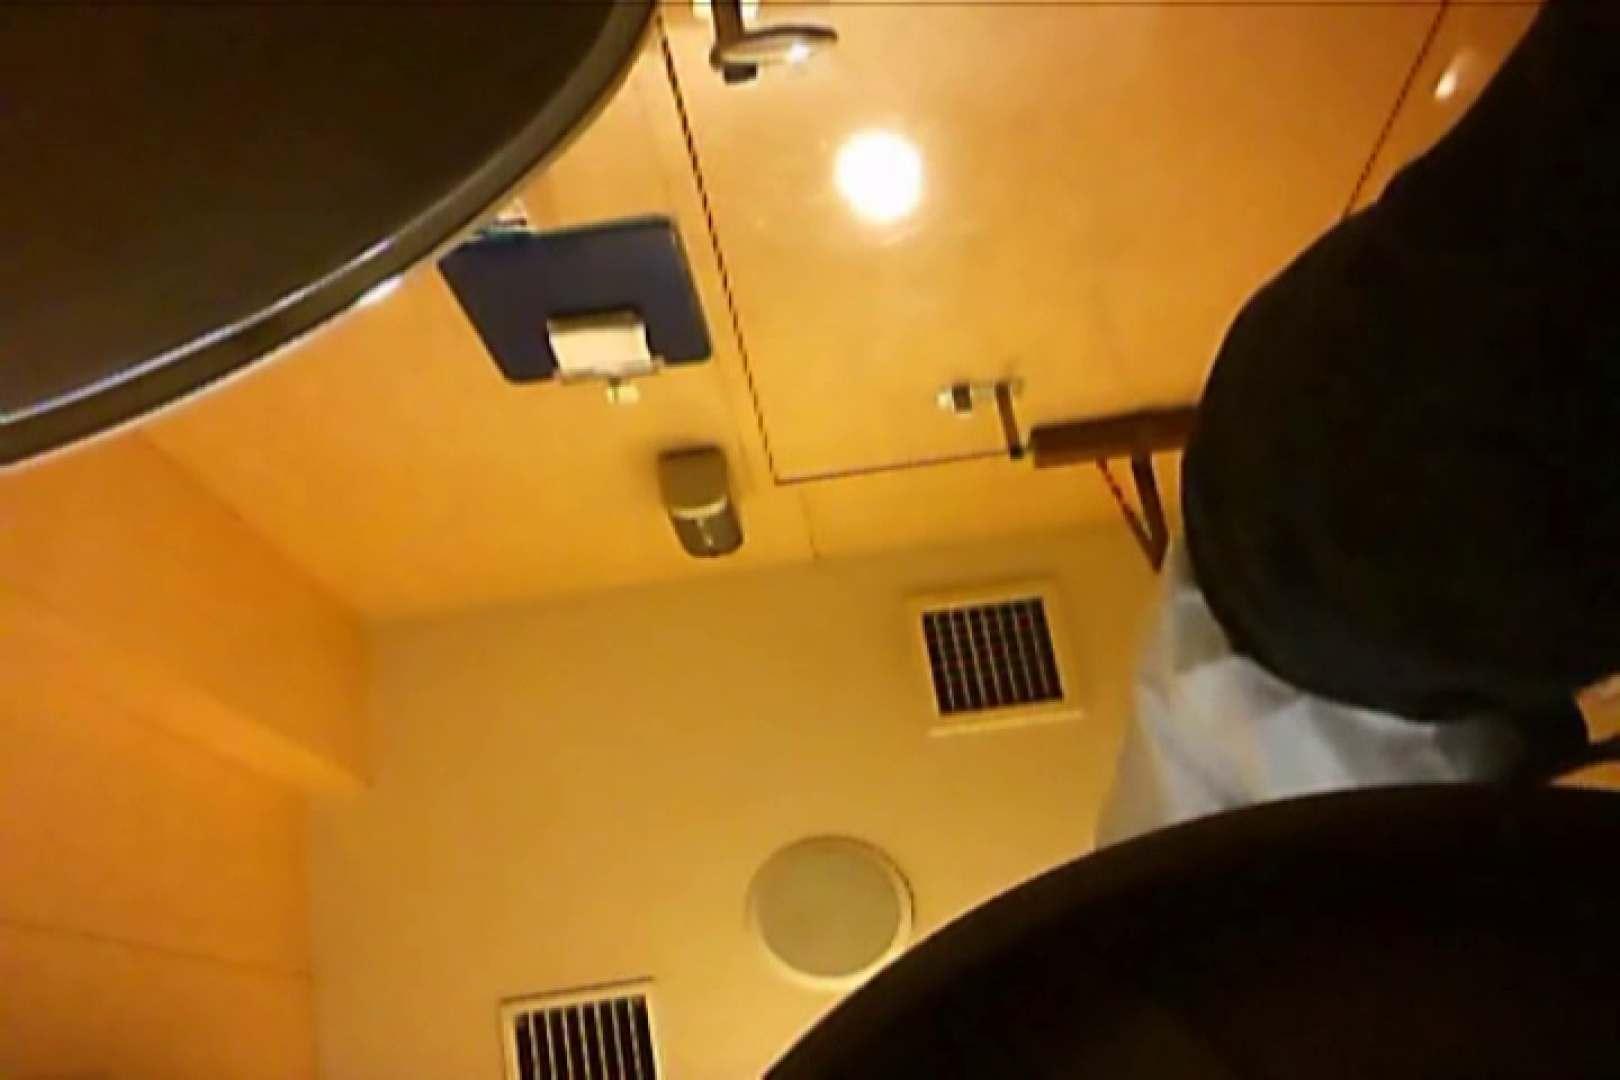 SEASON 2ND!掴み取りさんの洗面所覗き!in新幹線!VOL.18 スジ筋系ボーイズ | のぞき  100pic 23